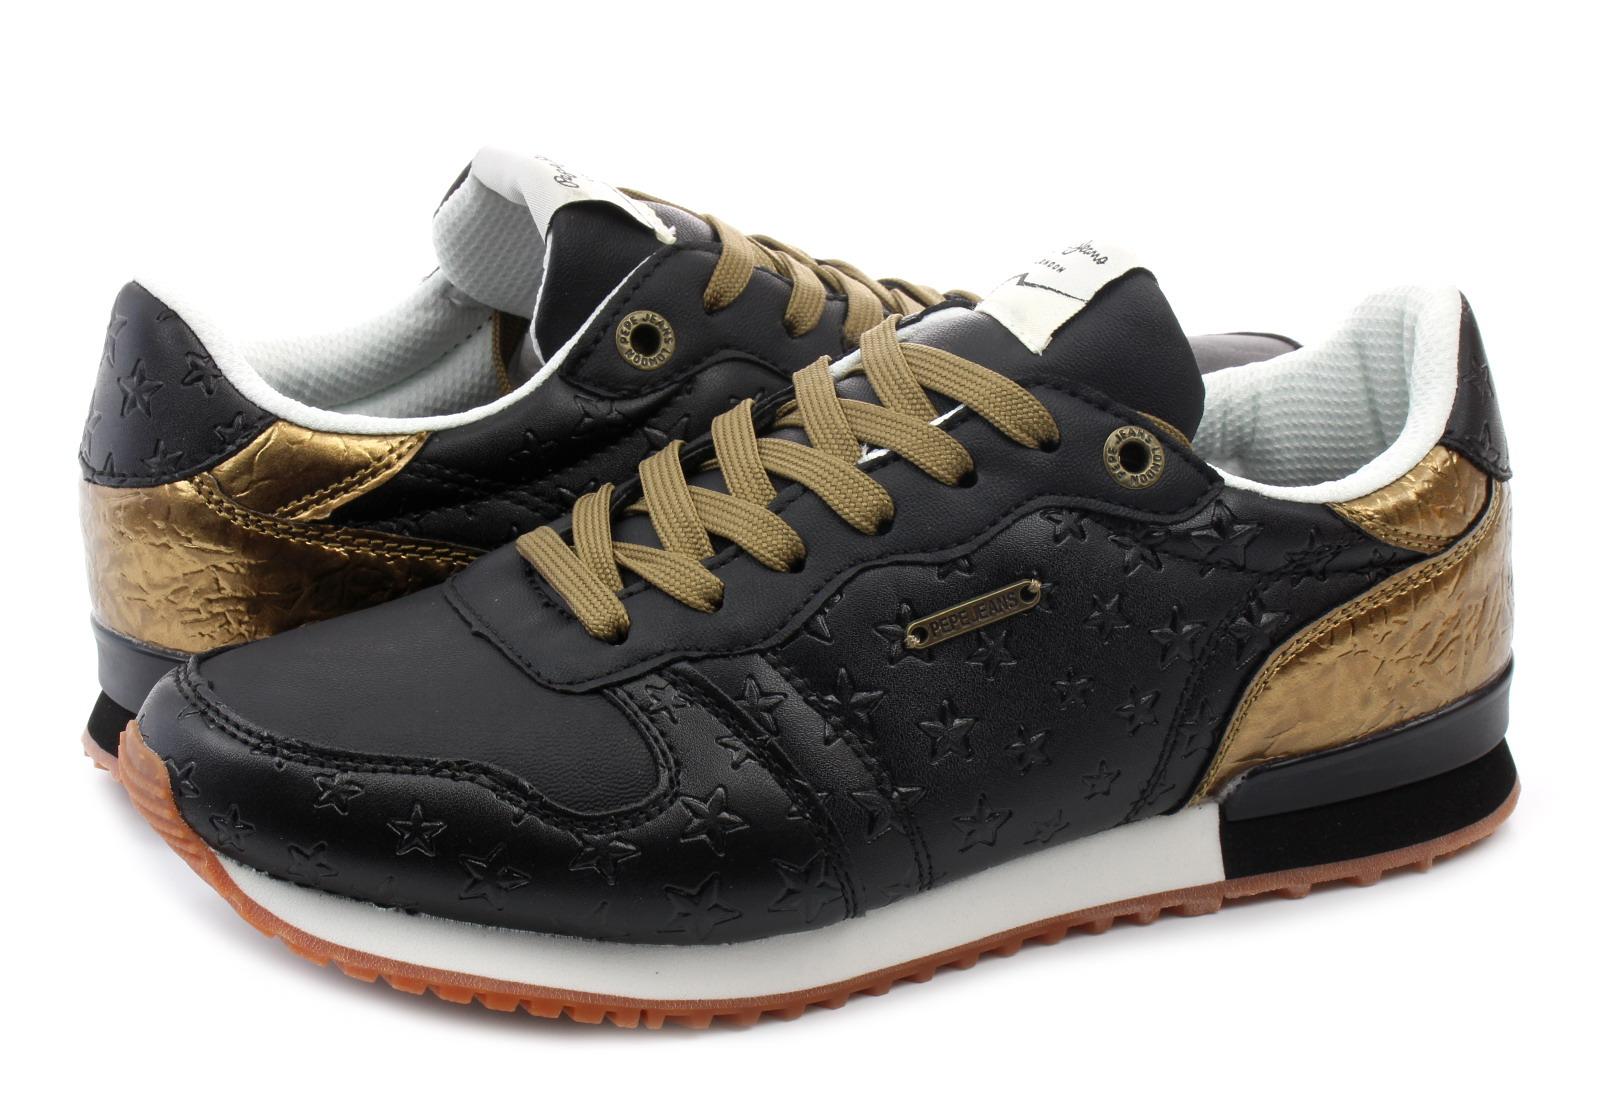 Pepe Jeans Cipő - Gable - PLS30725999 - Office Shoes Magyarország 76fba8d4a8